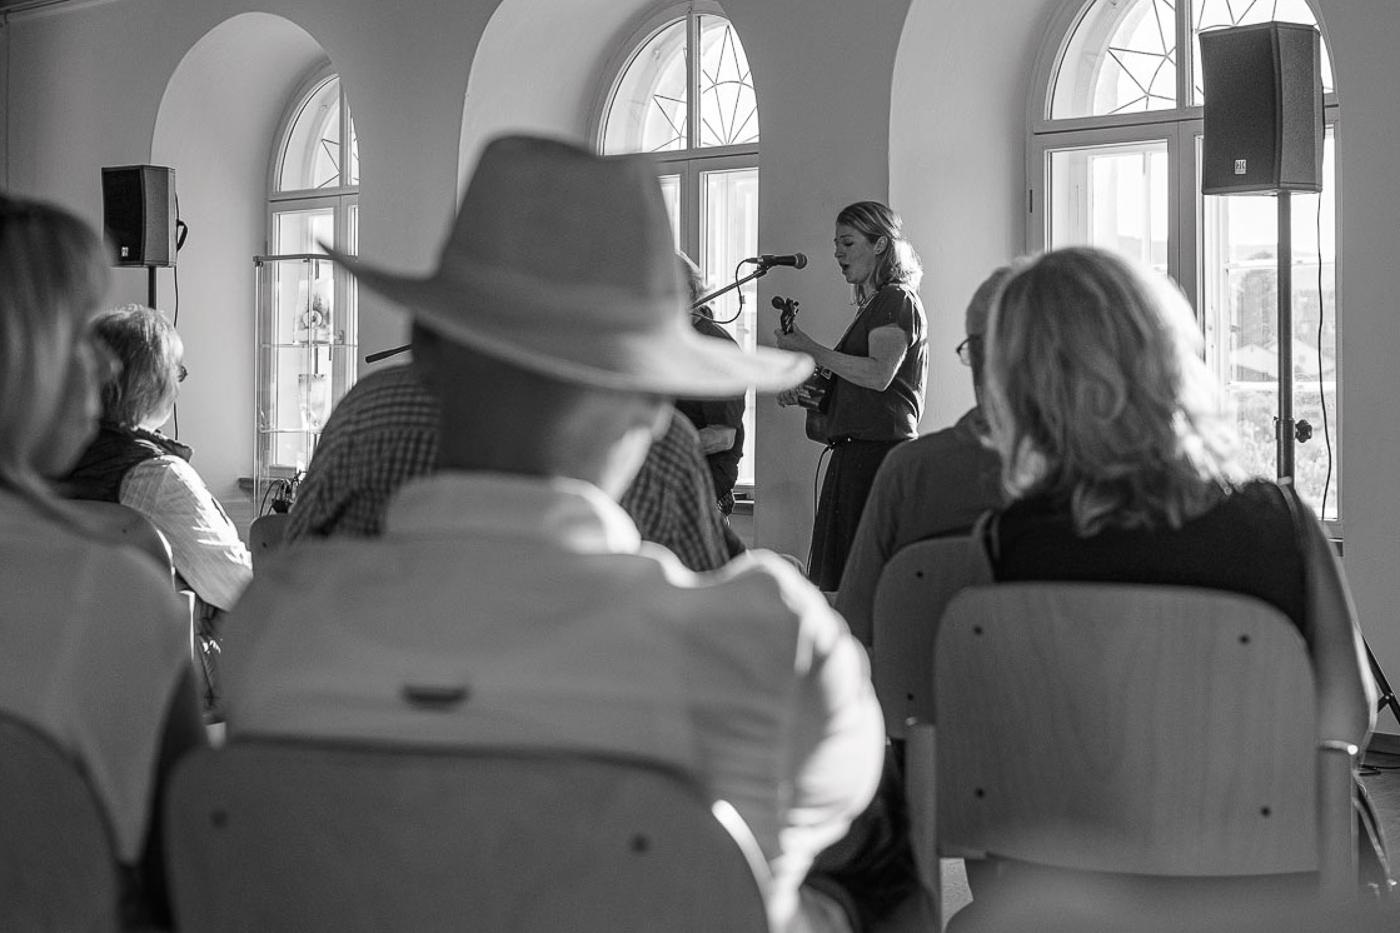 Premierenauftritt im Alten Rathaus Viechtach 2019